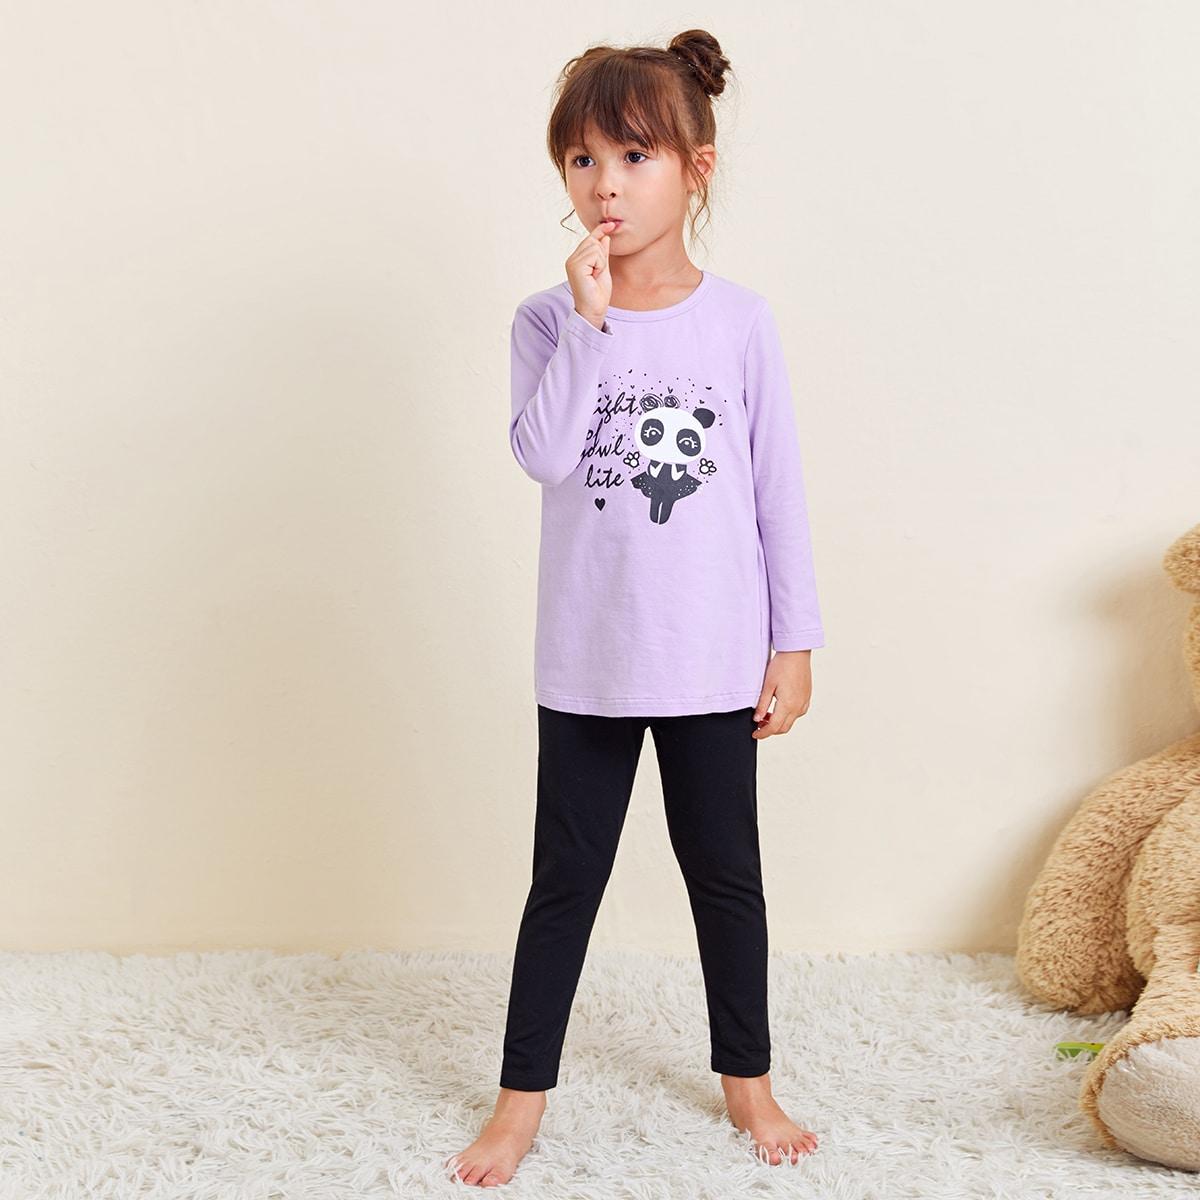 Мультяшный принт повседневный домашняя одежда для девочек